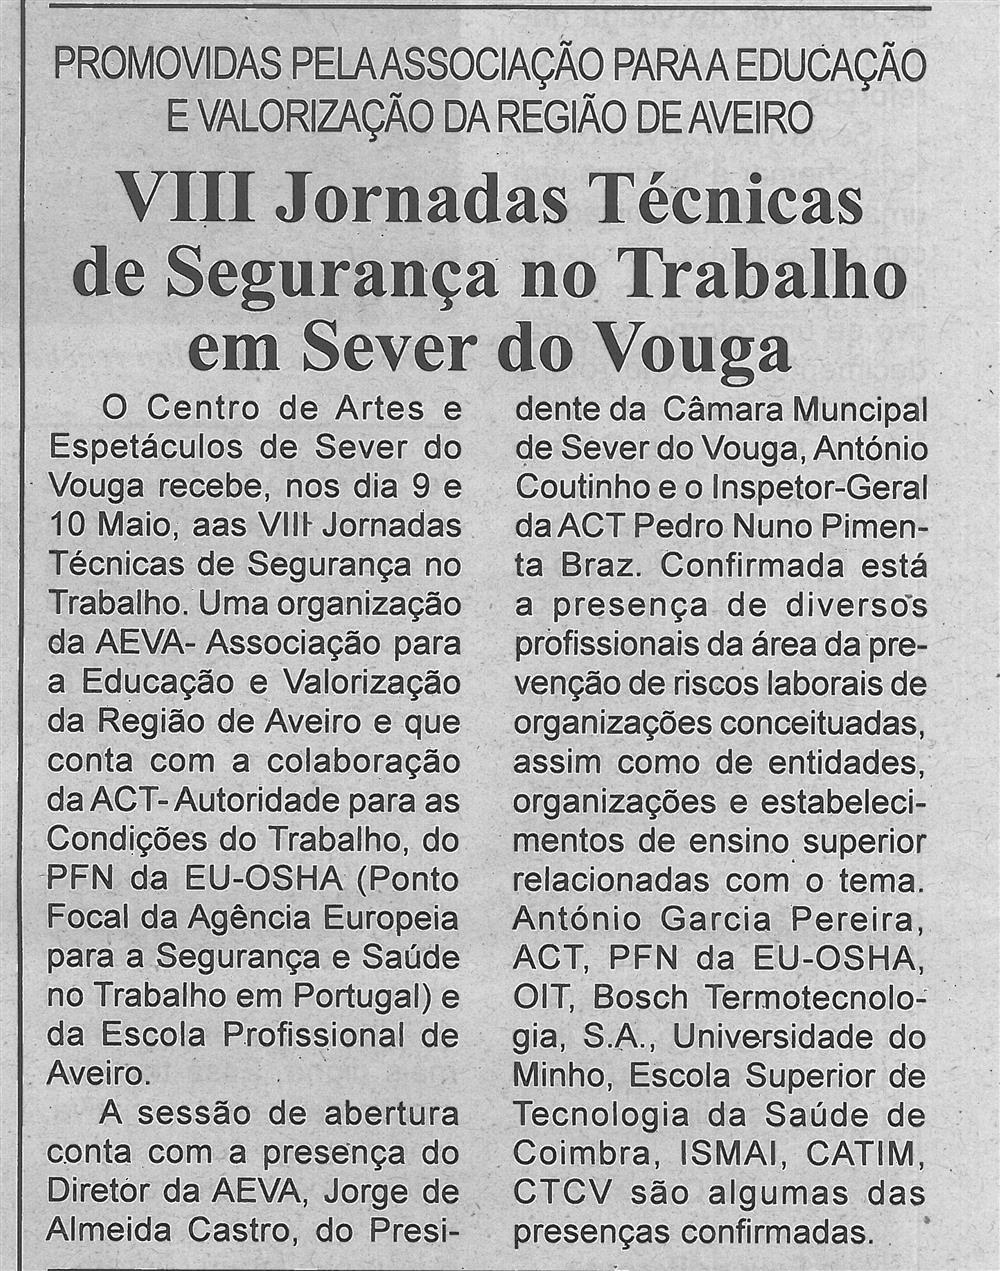 BV-1.ªmaio'16-p.6-VIII Jornadas Técnicas de Segurança no Trabalho em Sever do Vouga : promovidas pela Associação para a Educação e Valorização da Região de Aveiro.jpg